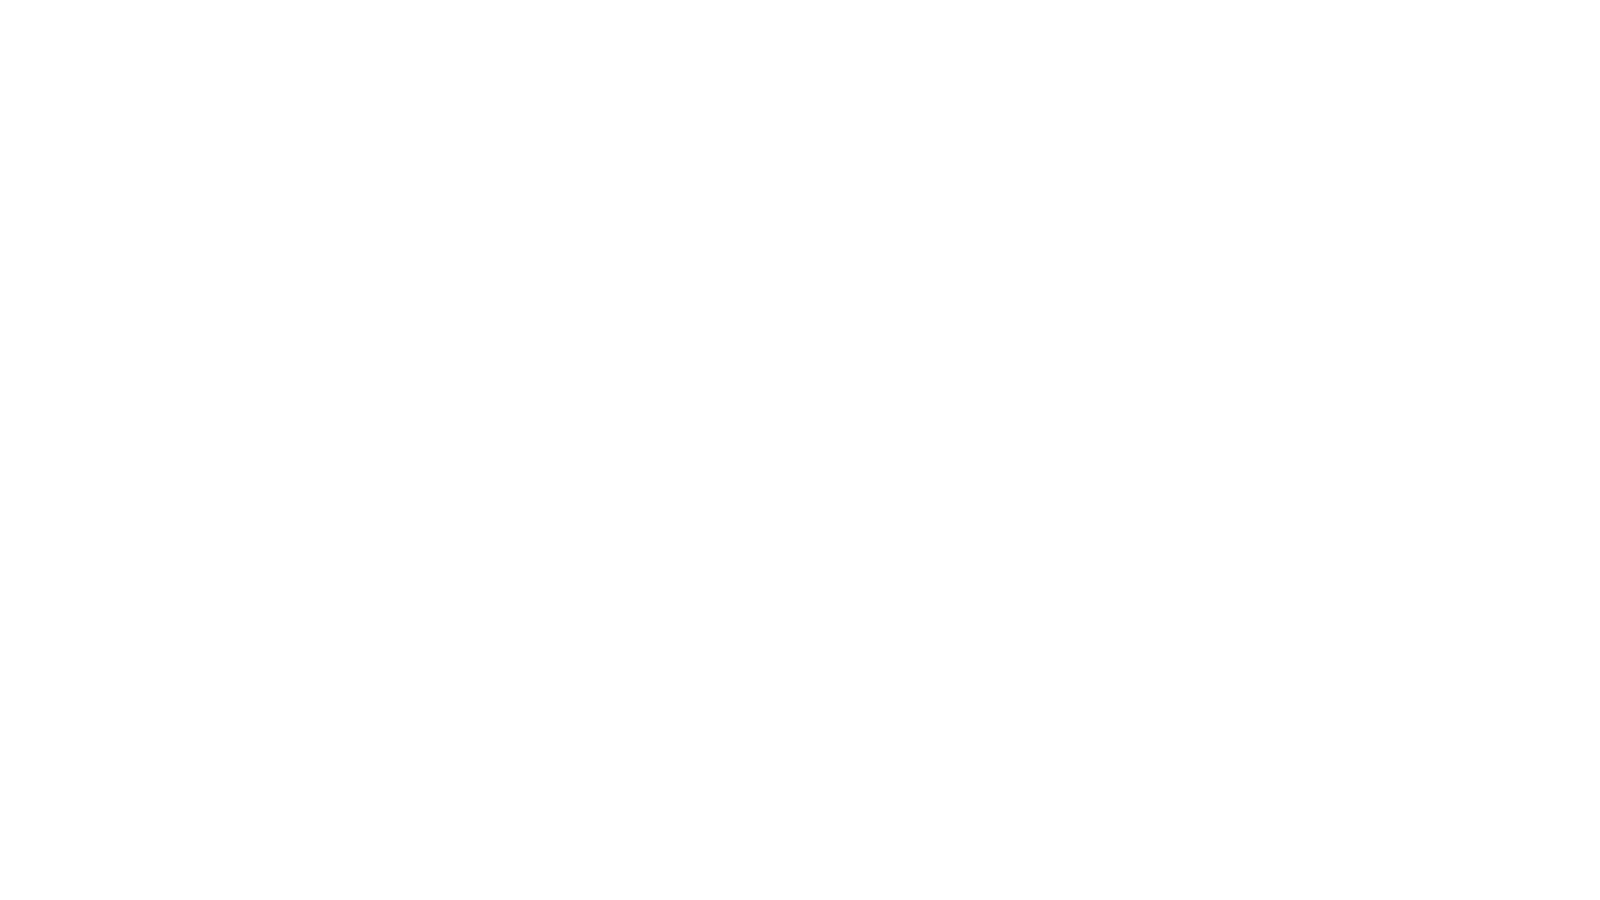 Nos Super-Héros 🦸♂️] Pour ce mois d'avril, nous vous présentons l'une de nos Super Women : Virginie !  ✅ Petite sœur de Grégory et coassociée chez Publicité François  ✅ Elle est aujourd'hui DAF directrice administrative et financière de l'entreprise 😊  ✅ Arrivée chez Publicité François, il y a maintenant 26 ans à la suite d'un BTS en alternance, on vous laisse découvrir son portrait en vidéo. 🎥  C'est par ici 👇